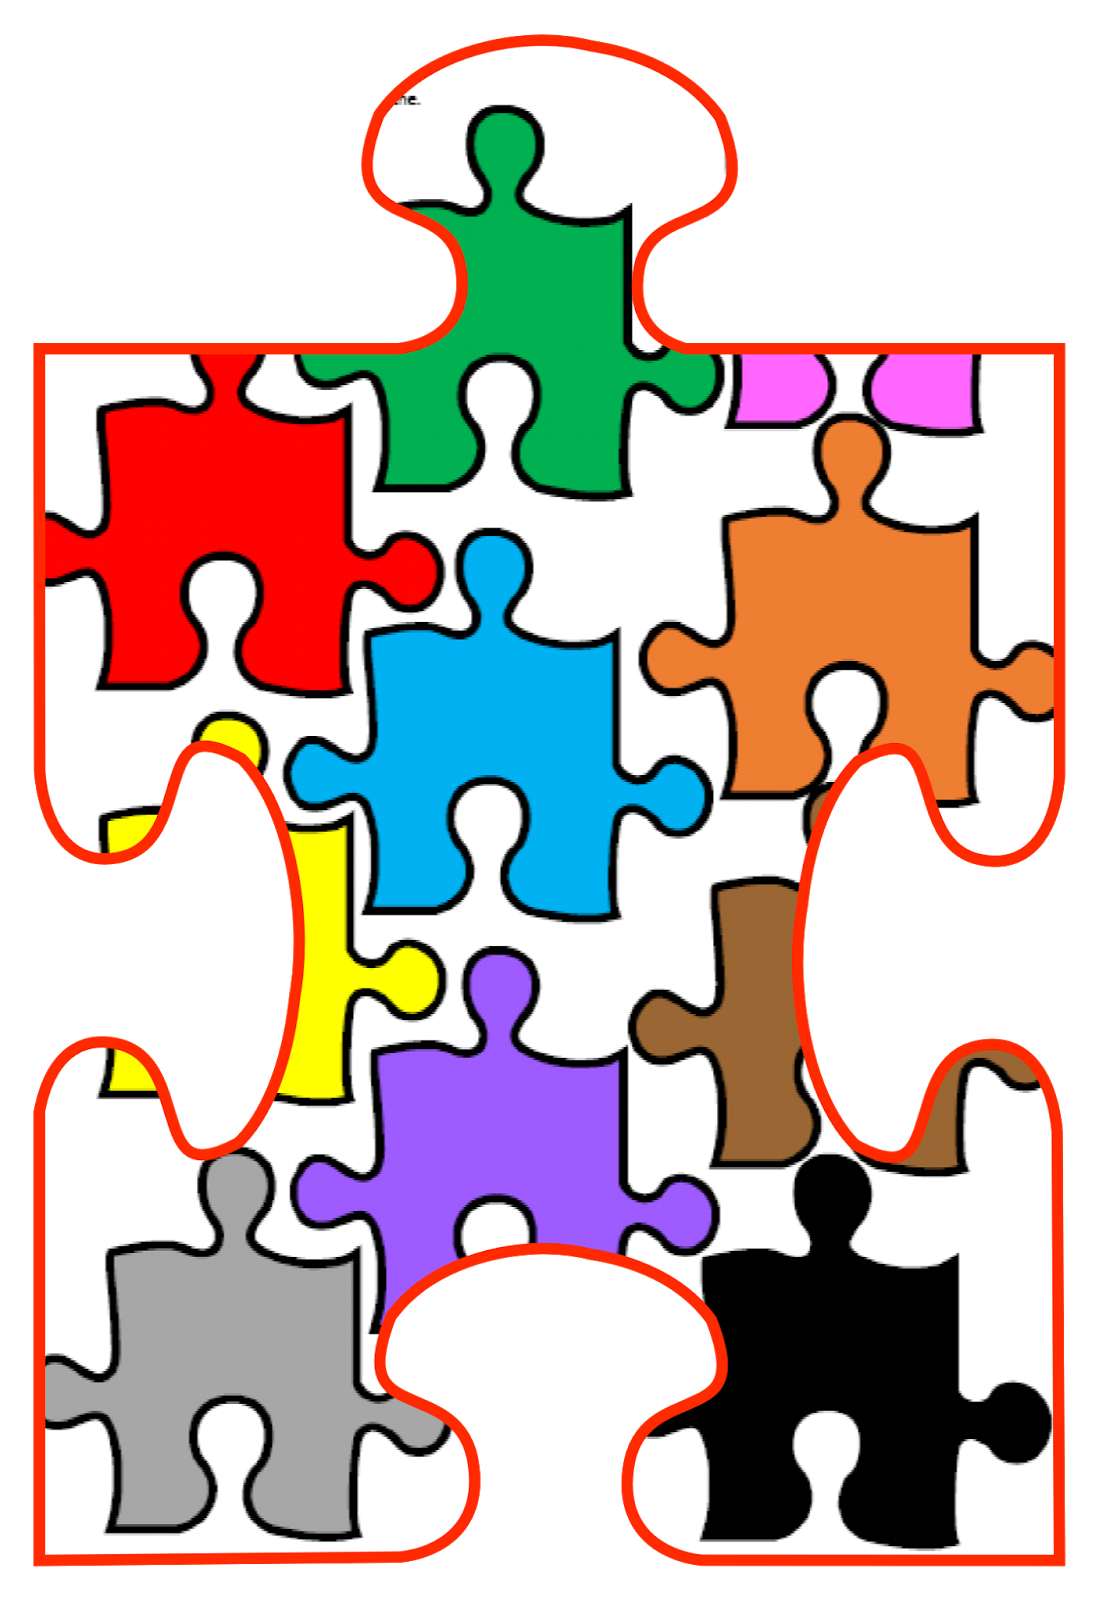 Ipot me t me cp fiches de lecture des sons 2016 - Puzzle dessin ...